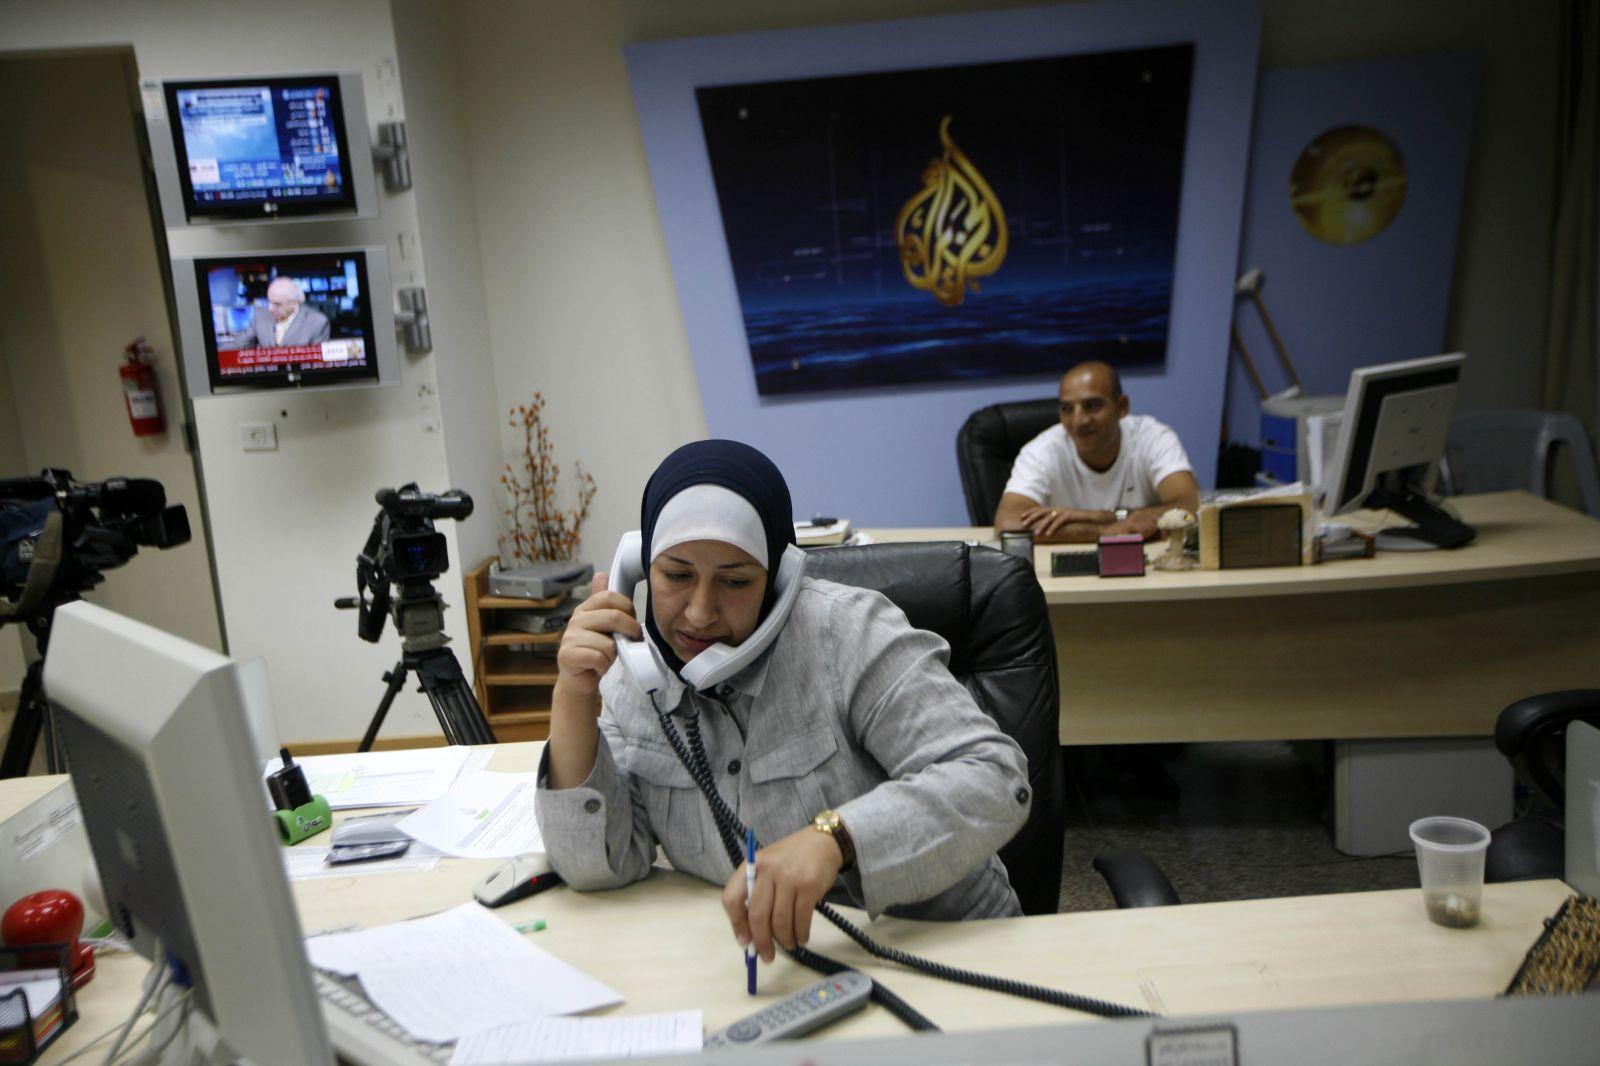 قوات الأمن التونسي تقتحم مكتب الجزيرة وأنصار قيس سعيد يستعرضون عضلاتهم